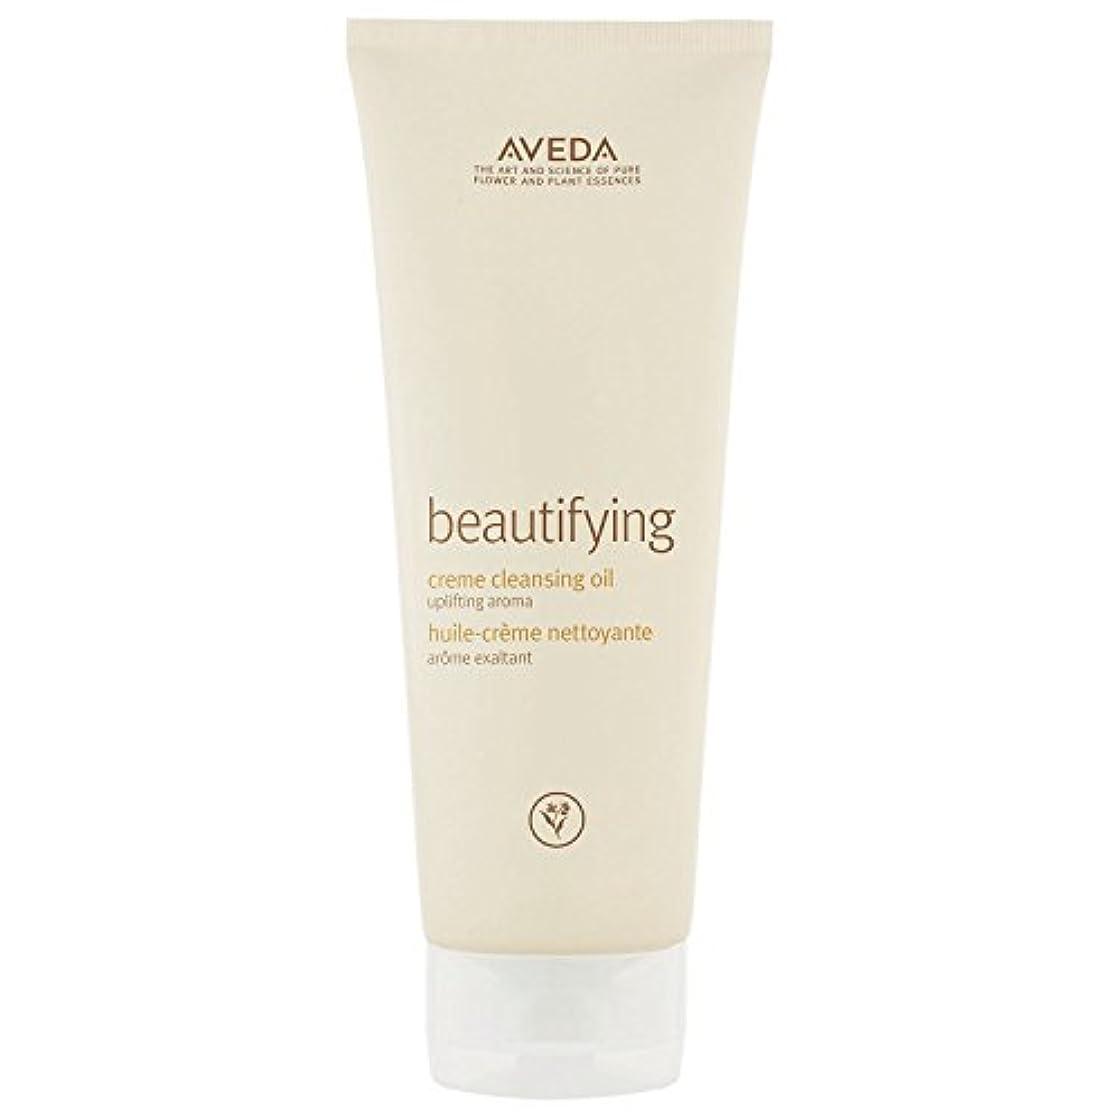 航空反論ジャンプする[AVEDA] アヴェダクリームボディクレンザーオイル200ミリリットルを美化 - Aveda Beautifying Cream Body Cleanser Oil 200ml [並行輸入品]